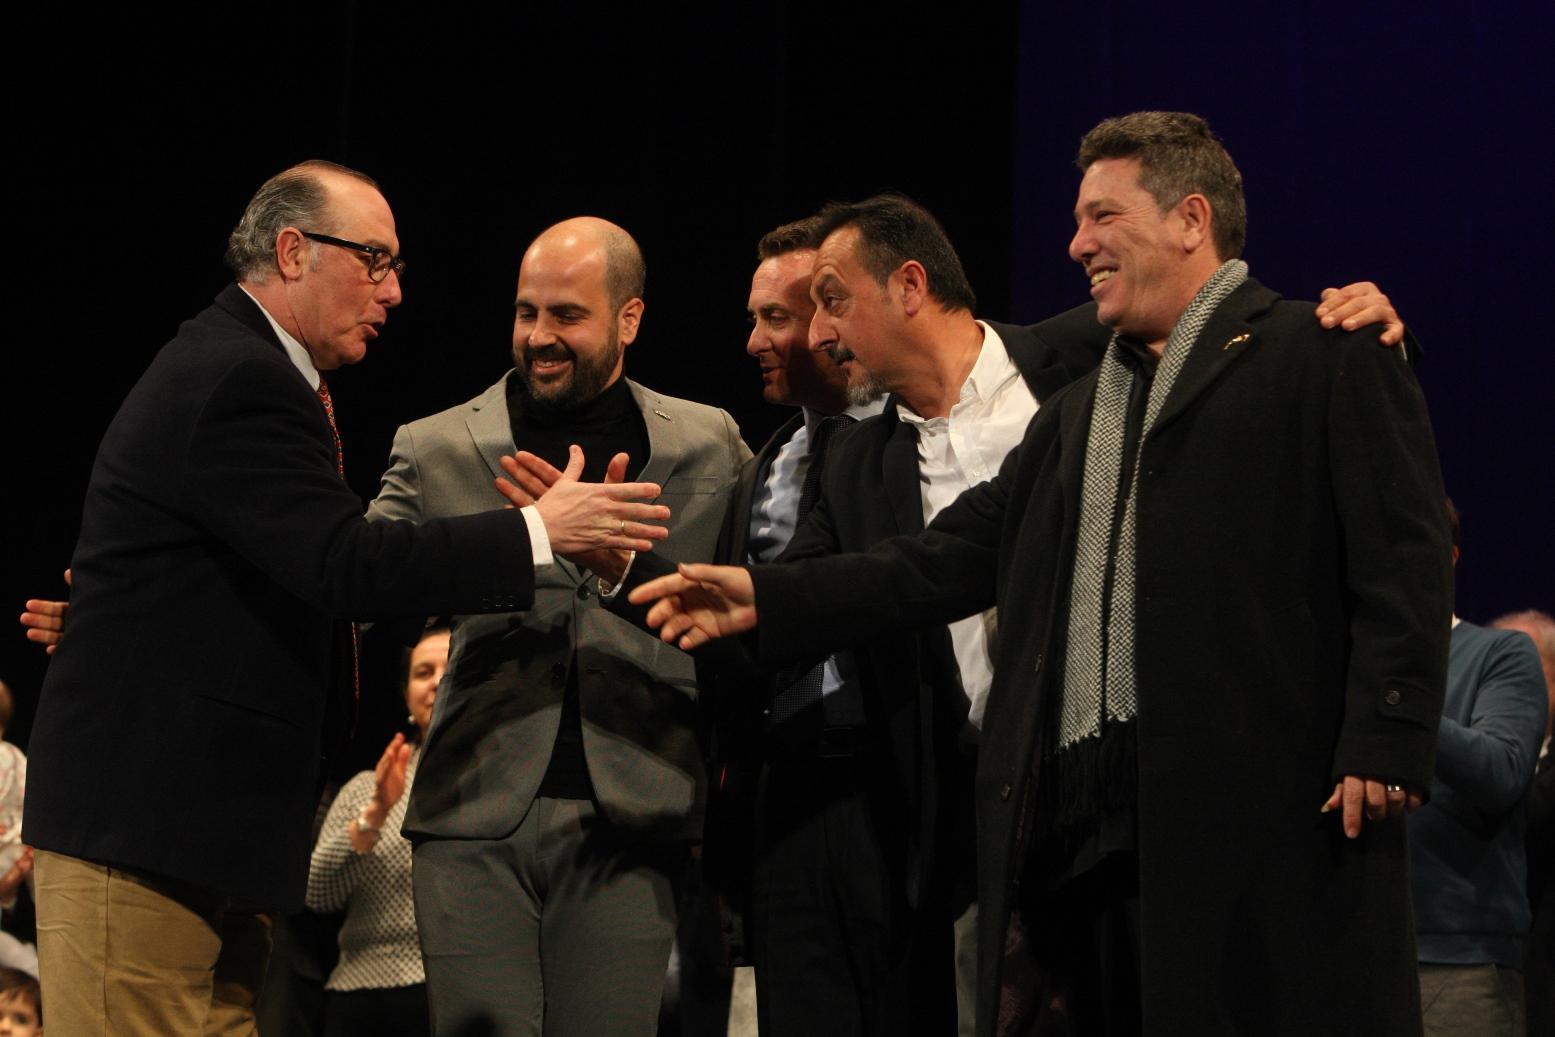 Cinco galardonados de lujo para celebrar medio siglo de Antifaces de Oro